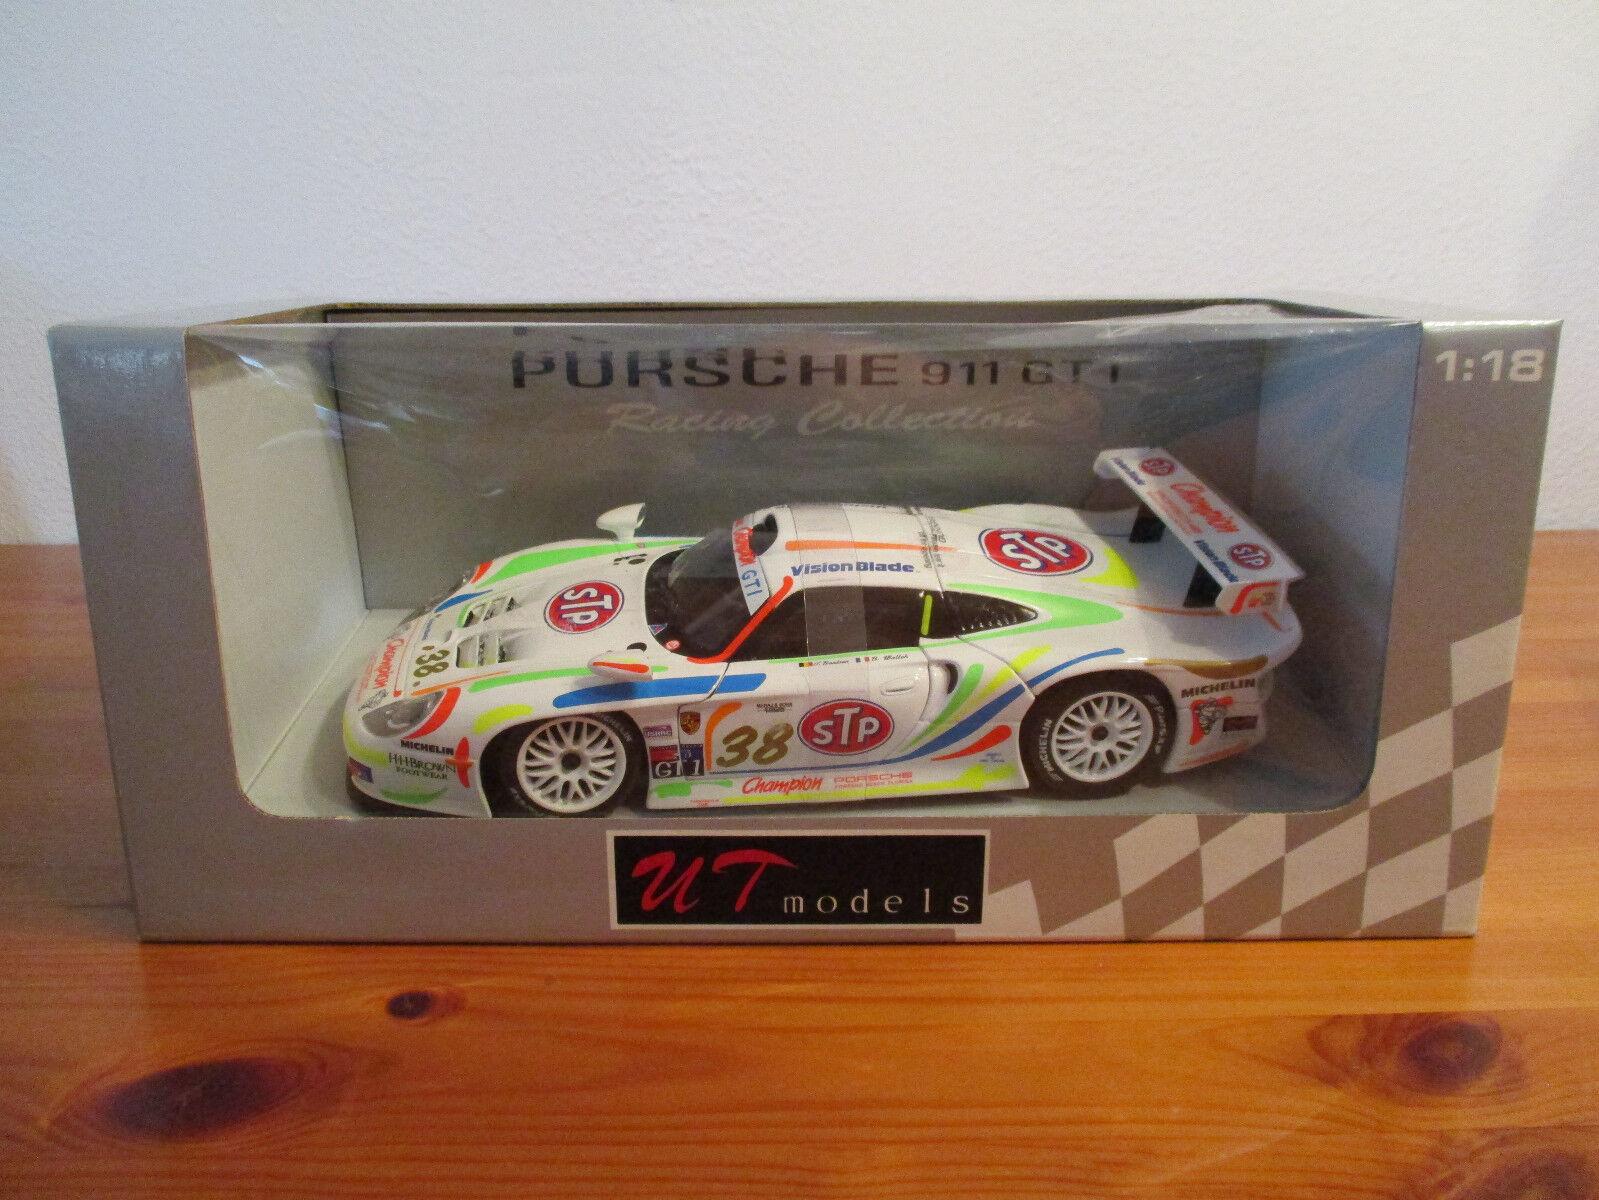 ( GO ) 1:18 UT Models Porsche 911 GT1 neuf emballage scellé # 38 | Avoir à La Fois La Qualité De La Ténacité Et De Dureté